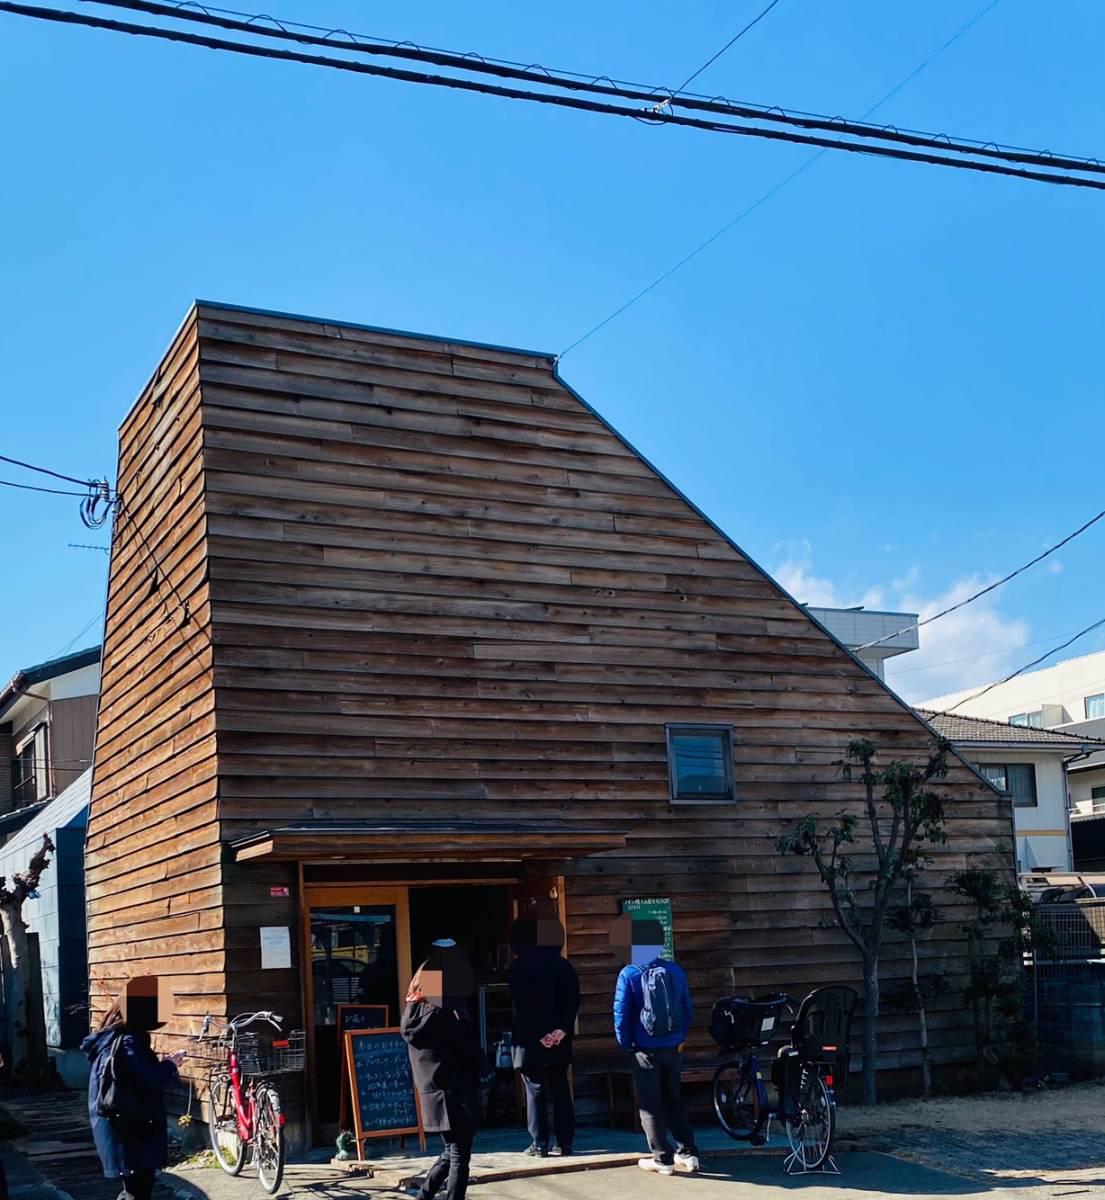 中央区にある週3日だけオープンしている『パン焼き小屋kanon』で『しょうが焼きサンド』『本日のサンド』買って食べて見た。